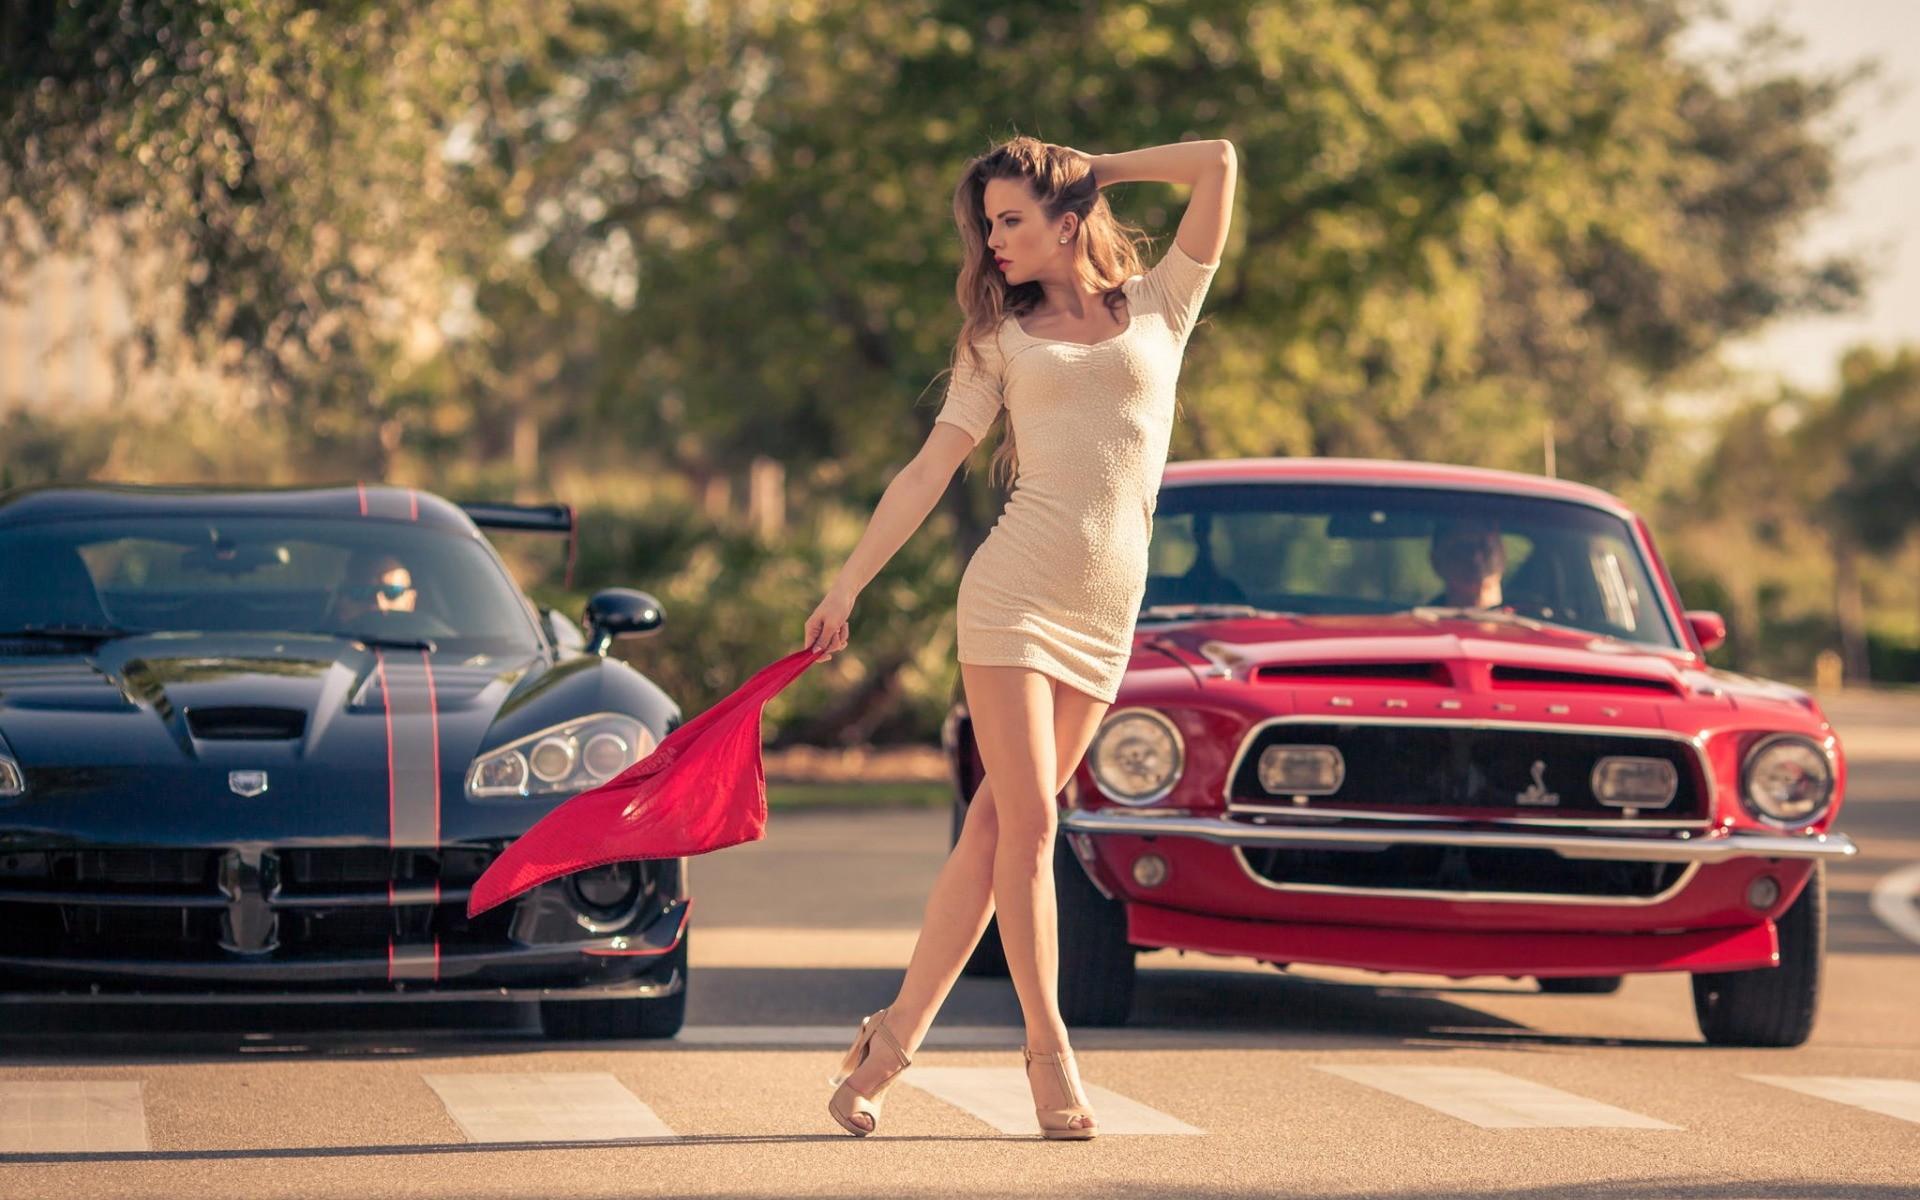 Обои на рабочий стол на девушки и авто 2015